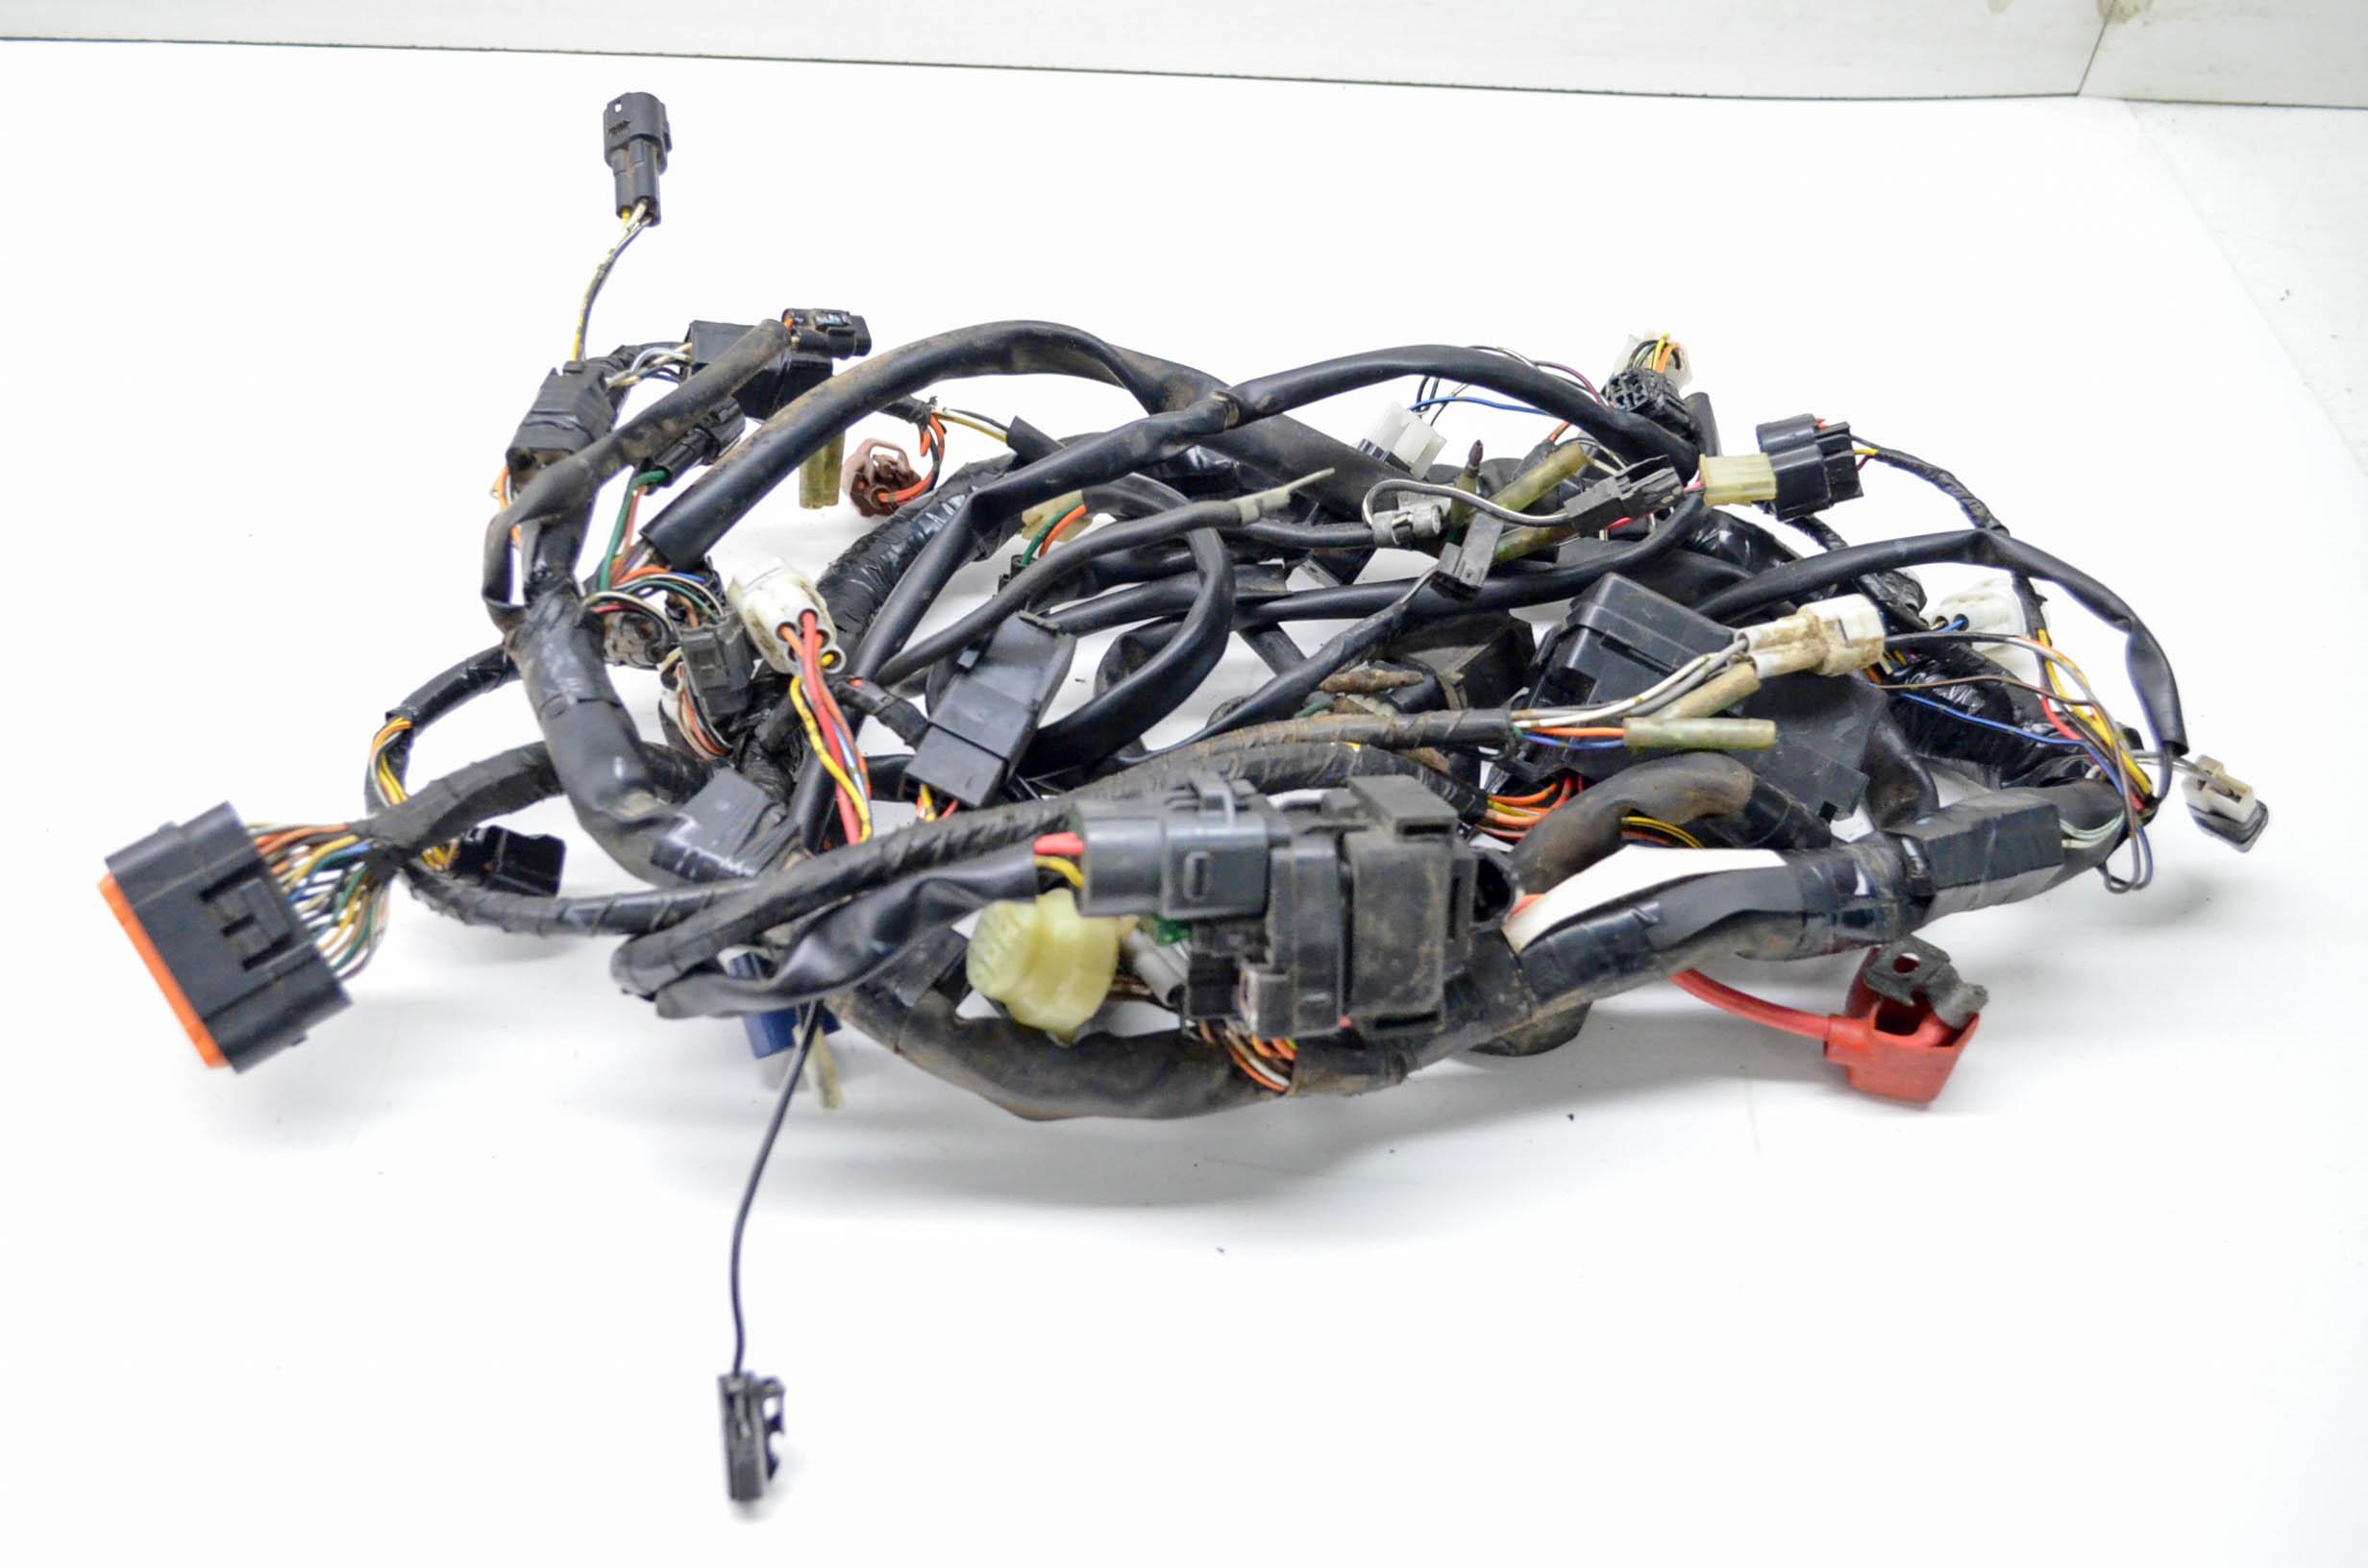 wiring harness rhode island wiring diagram explained Body Harness wiring harness rhode island wiring schematic alpine stereo harness 05 suzuki king quad 700 4x4 wire